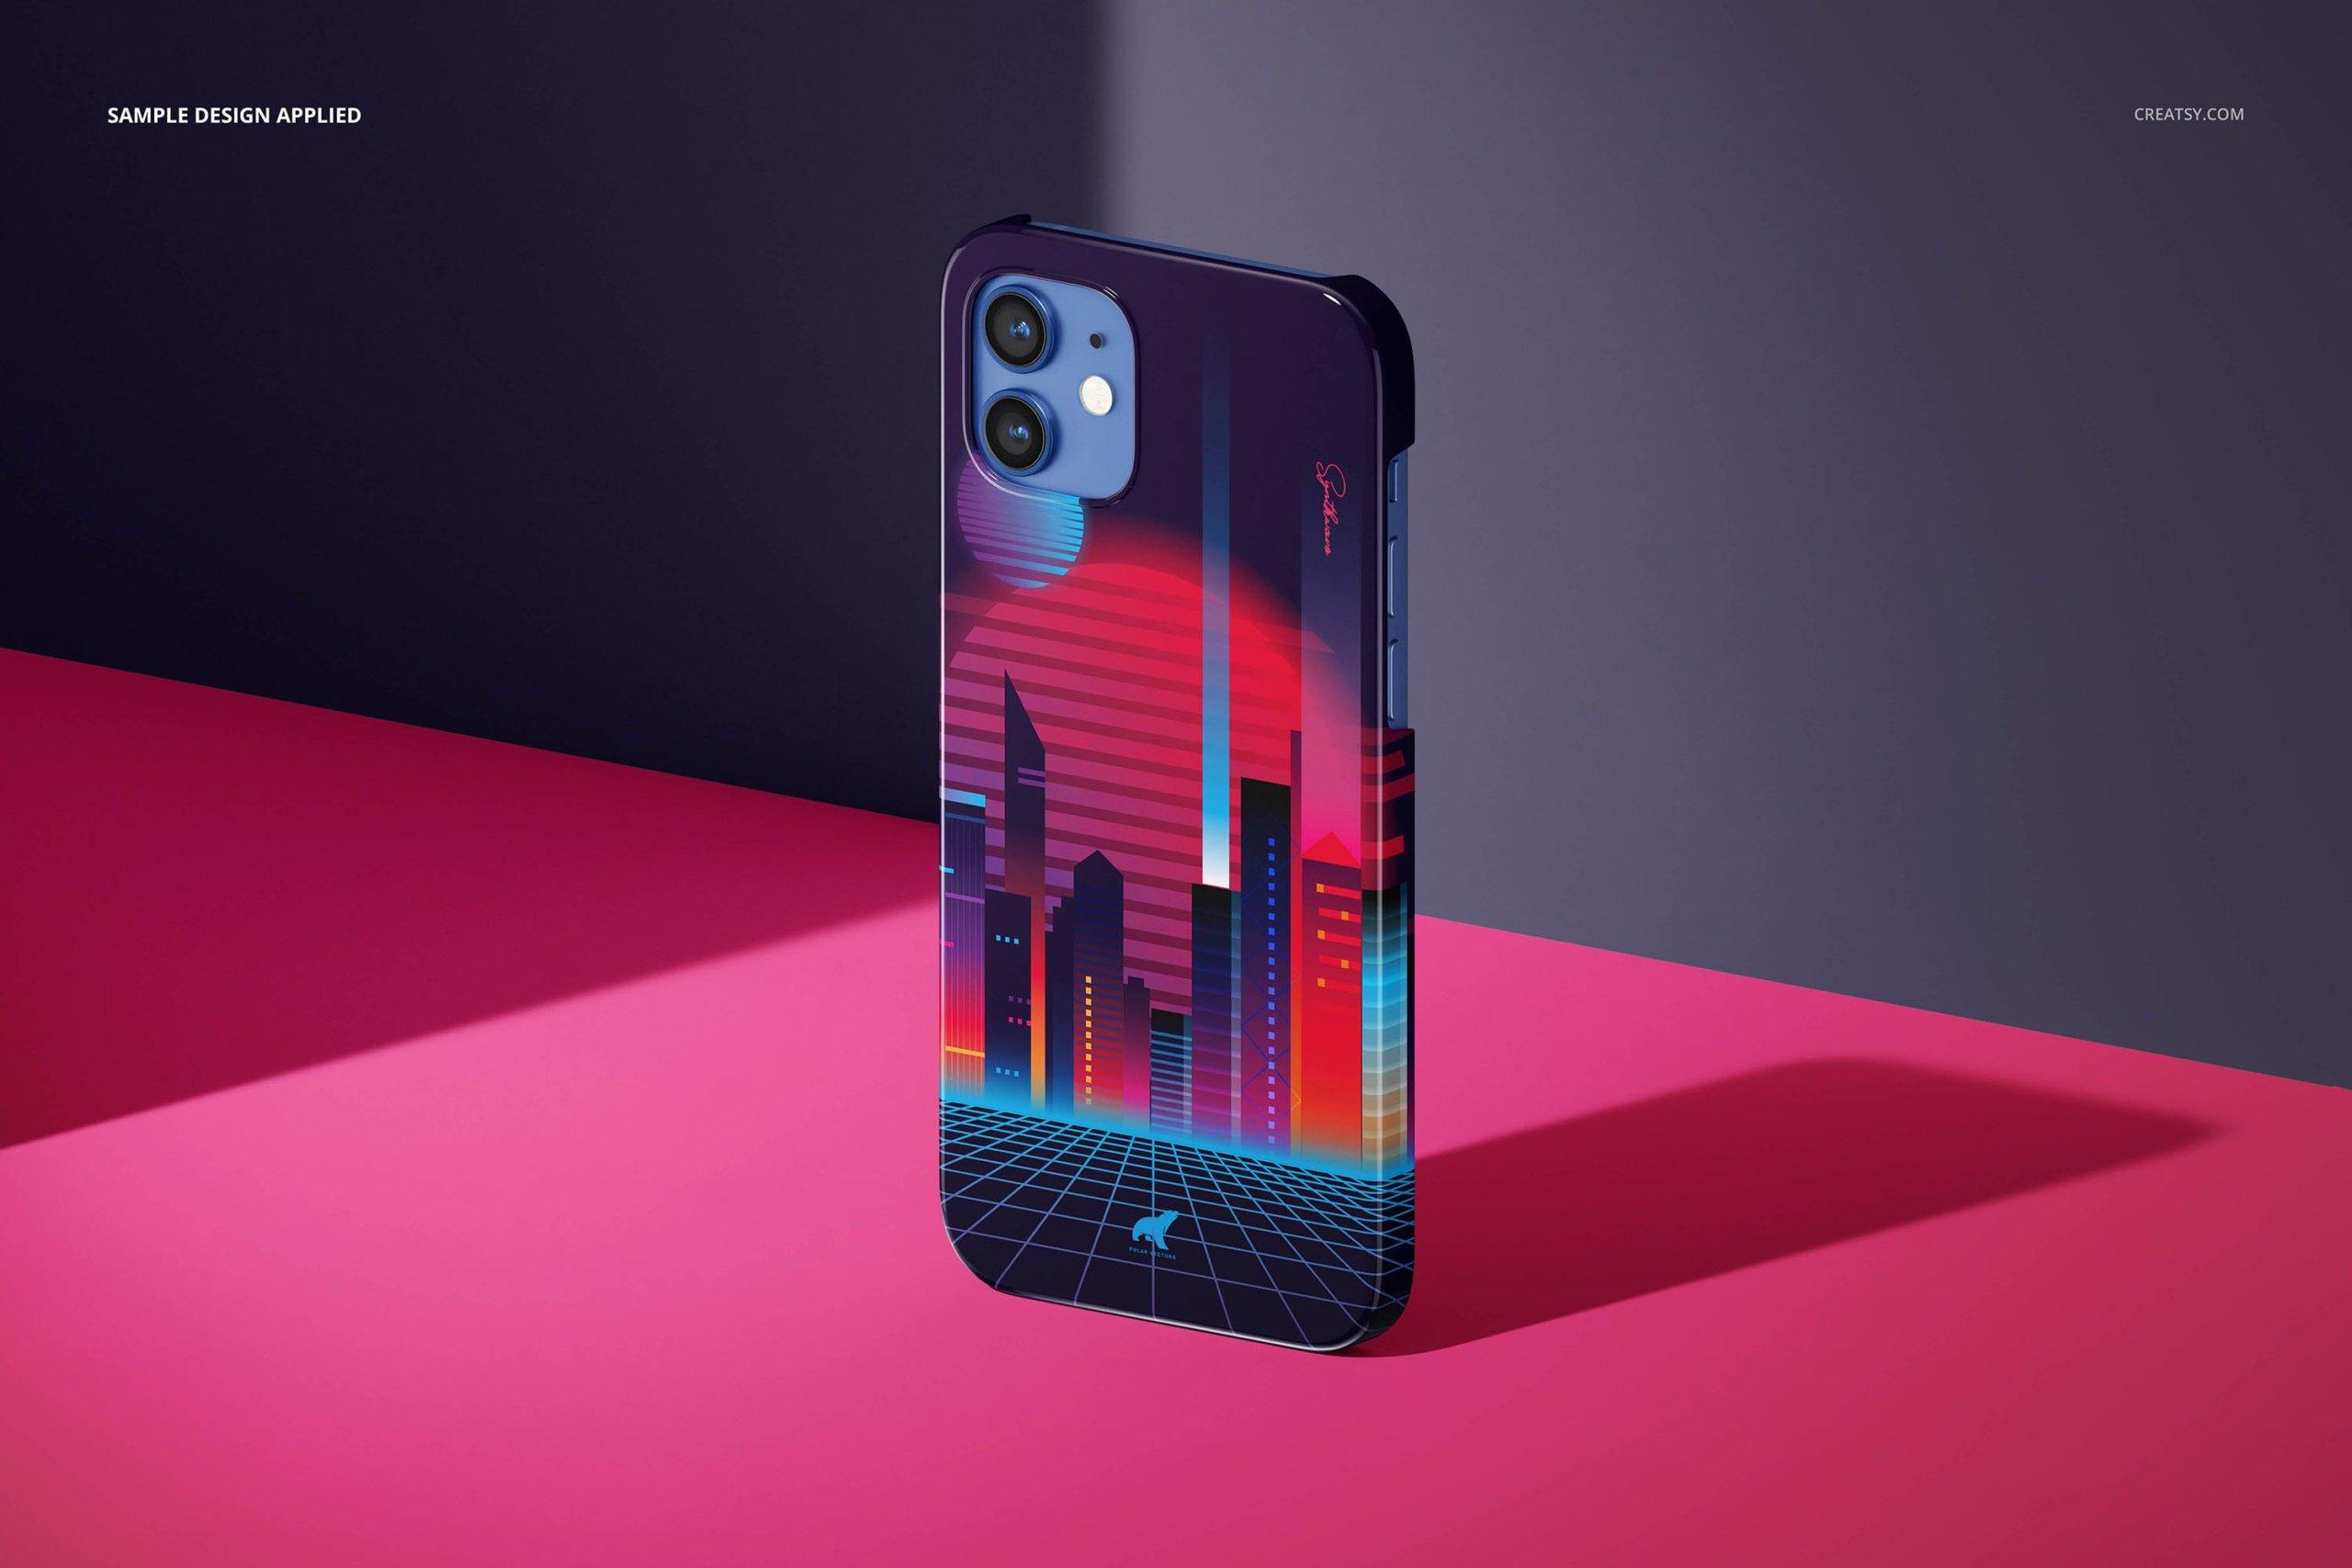 [单独购买] 26款时尚光滑苹果iPhone 12手机保护壳设计PS贴图样机模板素材 iPhone 12 Glossy Snap Case 1 Mockup插图13